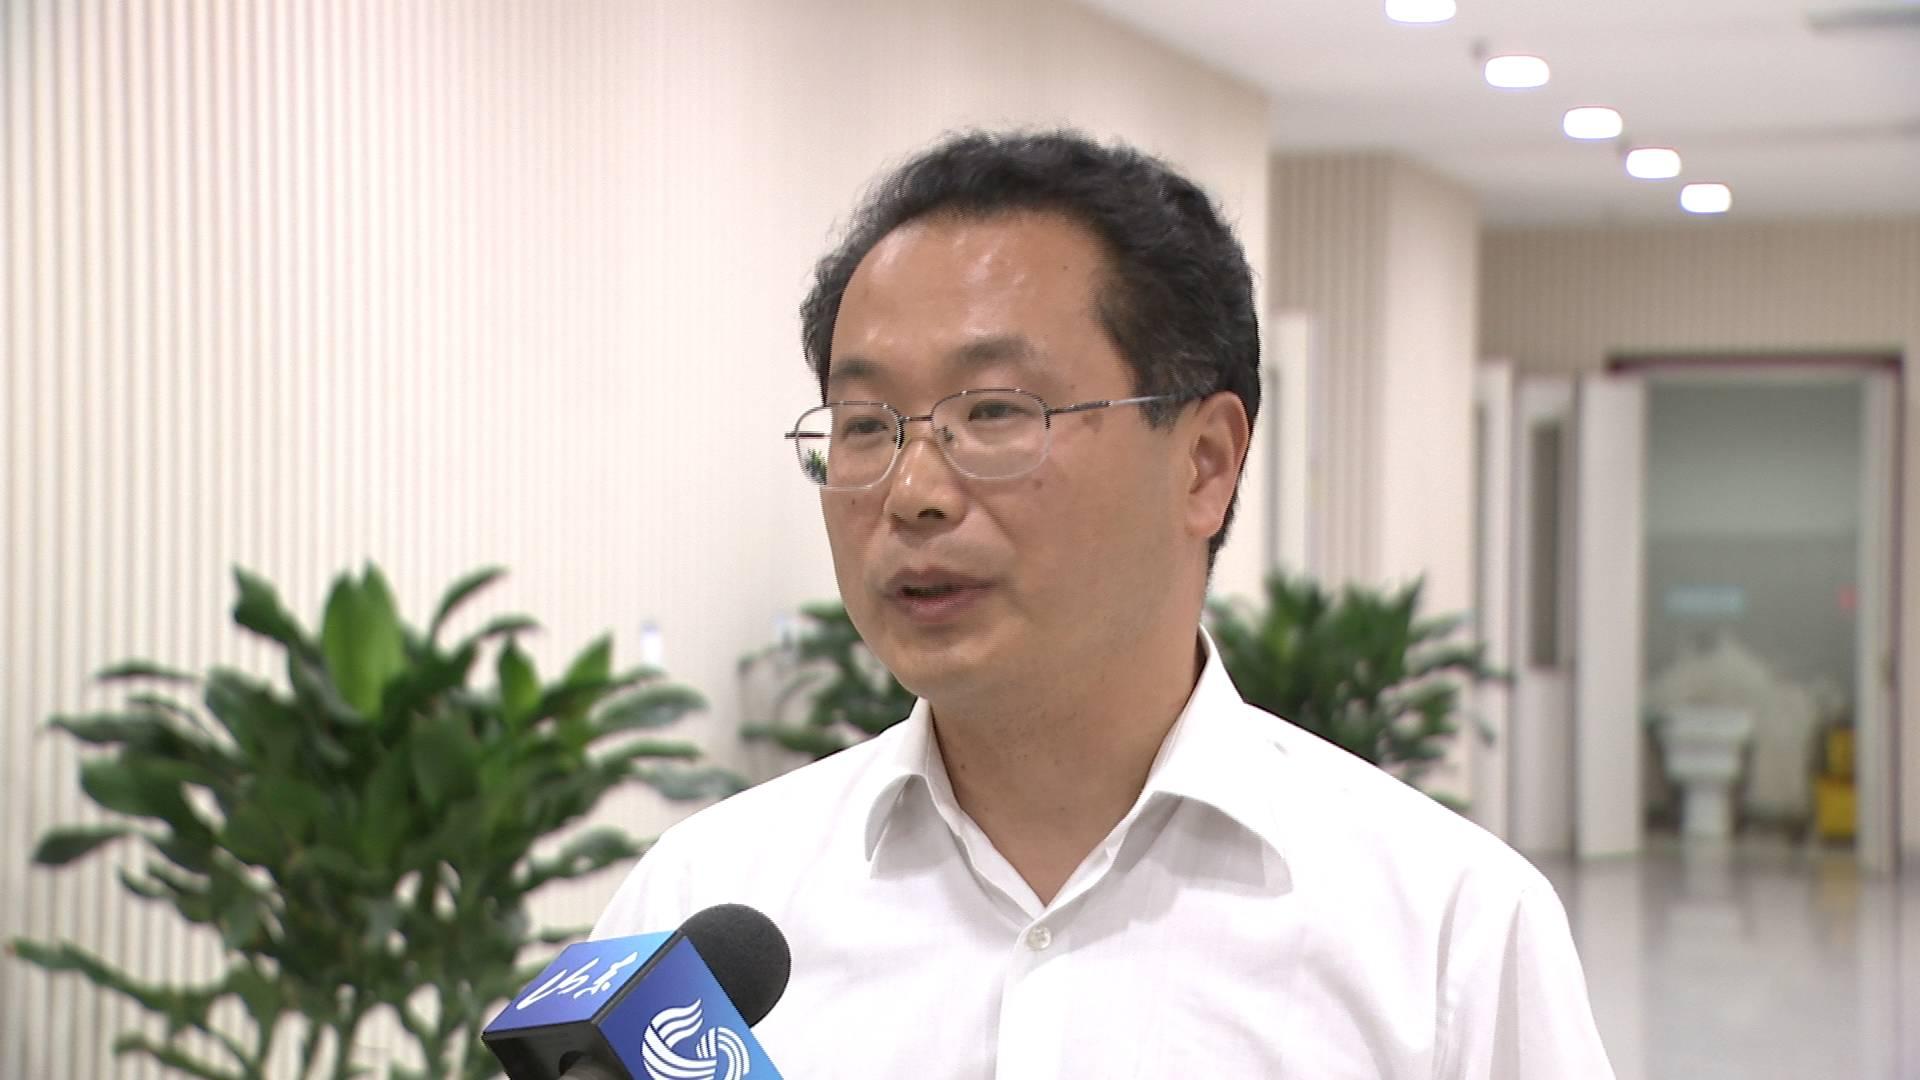 总书记来到我们身边|山东省国资委总会计师王志刚:努力培育全球竞争力的世界一流企业